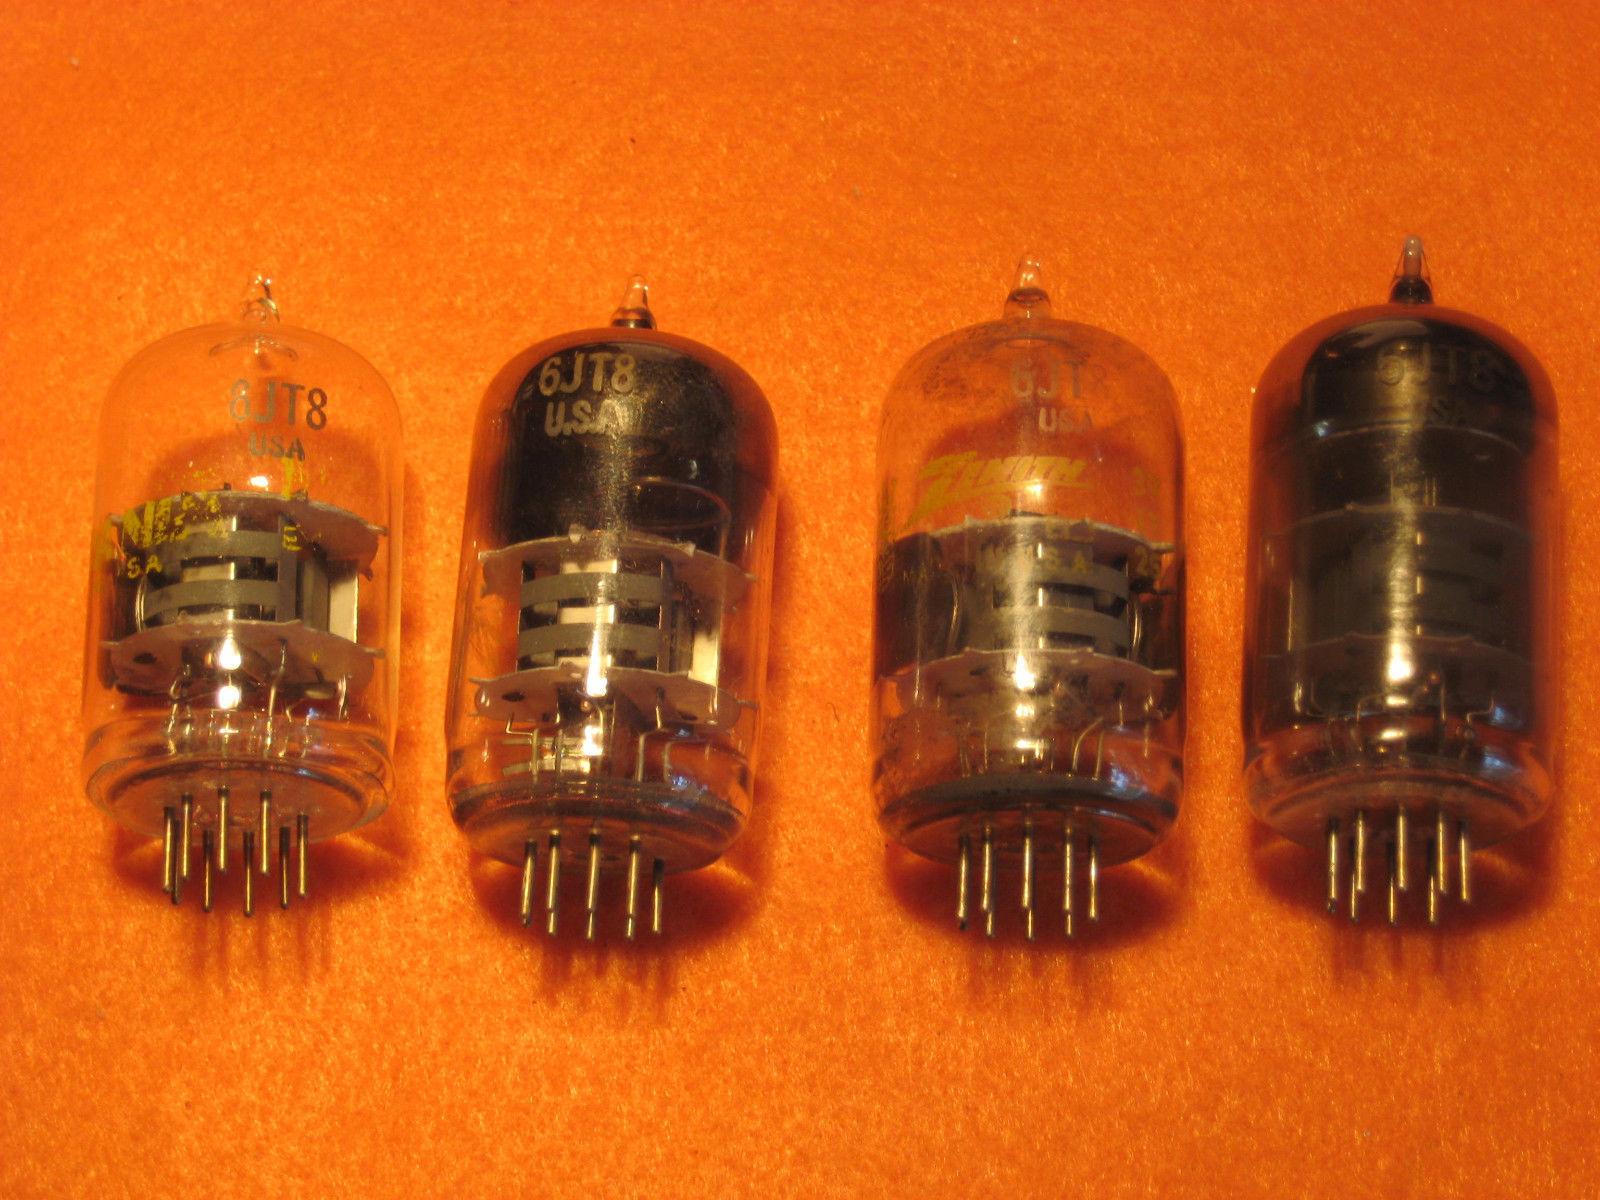 Vintage Radio Vacuum Tube (one): 6JT8 - Tested Good